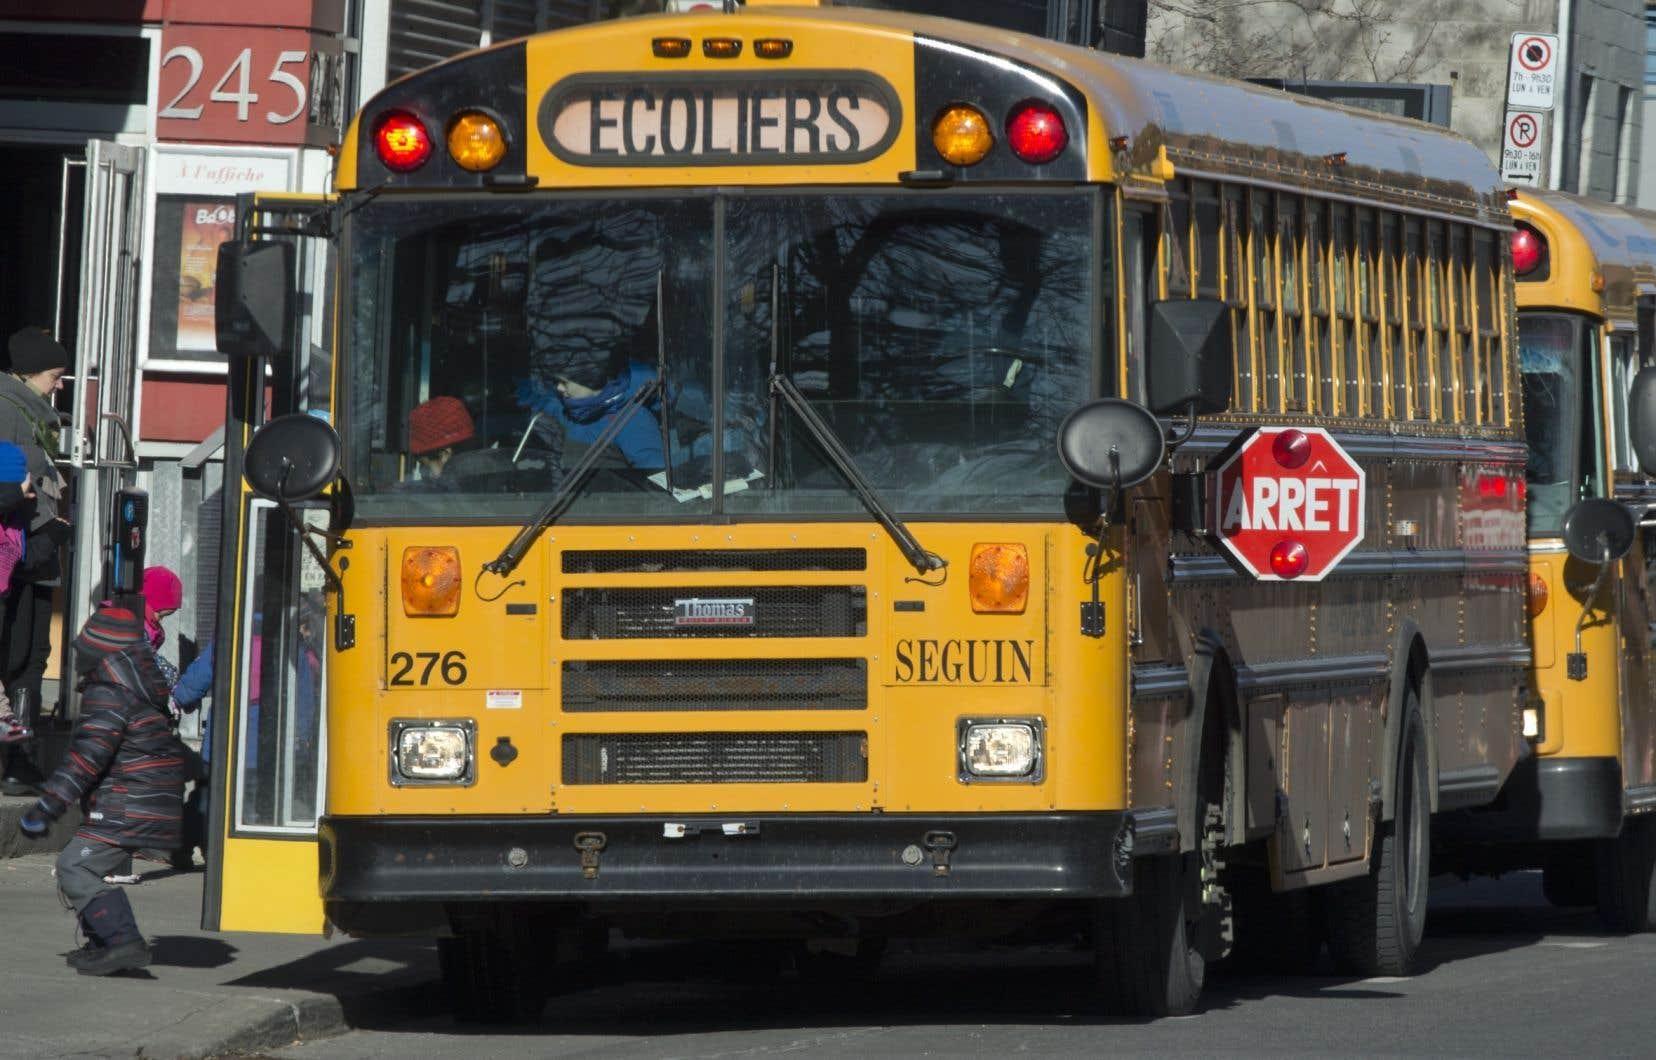 Un cycliste doit dorénavant, comme tout conducteur de véhicule routier, s'immobiliser à plus de 5 mètres d'un autobus scolaire dont les deux feux rouges clignotants sont activés ou le panneau d'arrêt obligatoire.